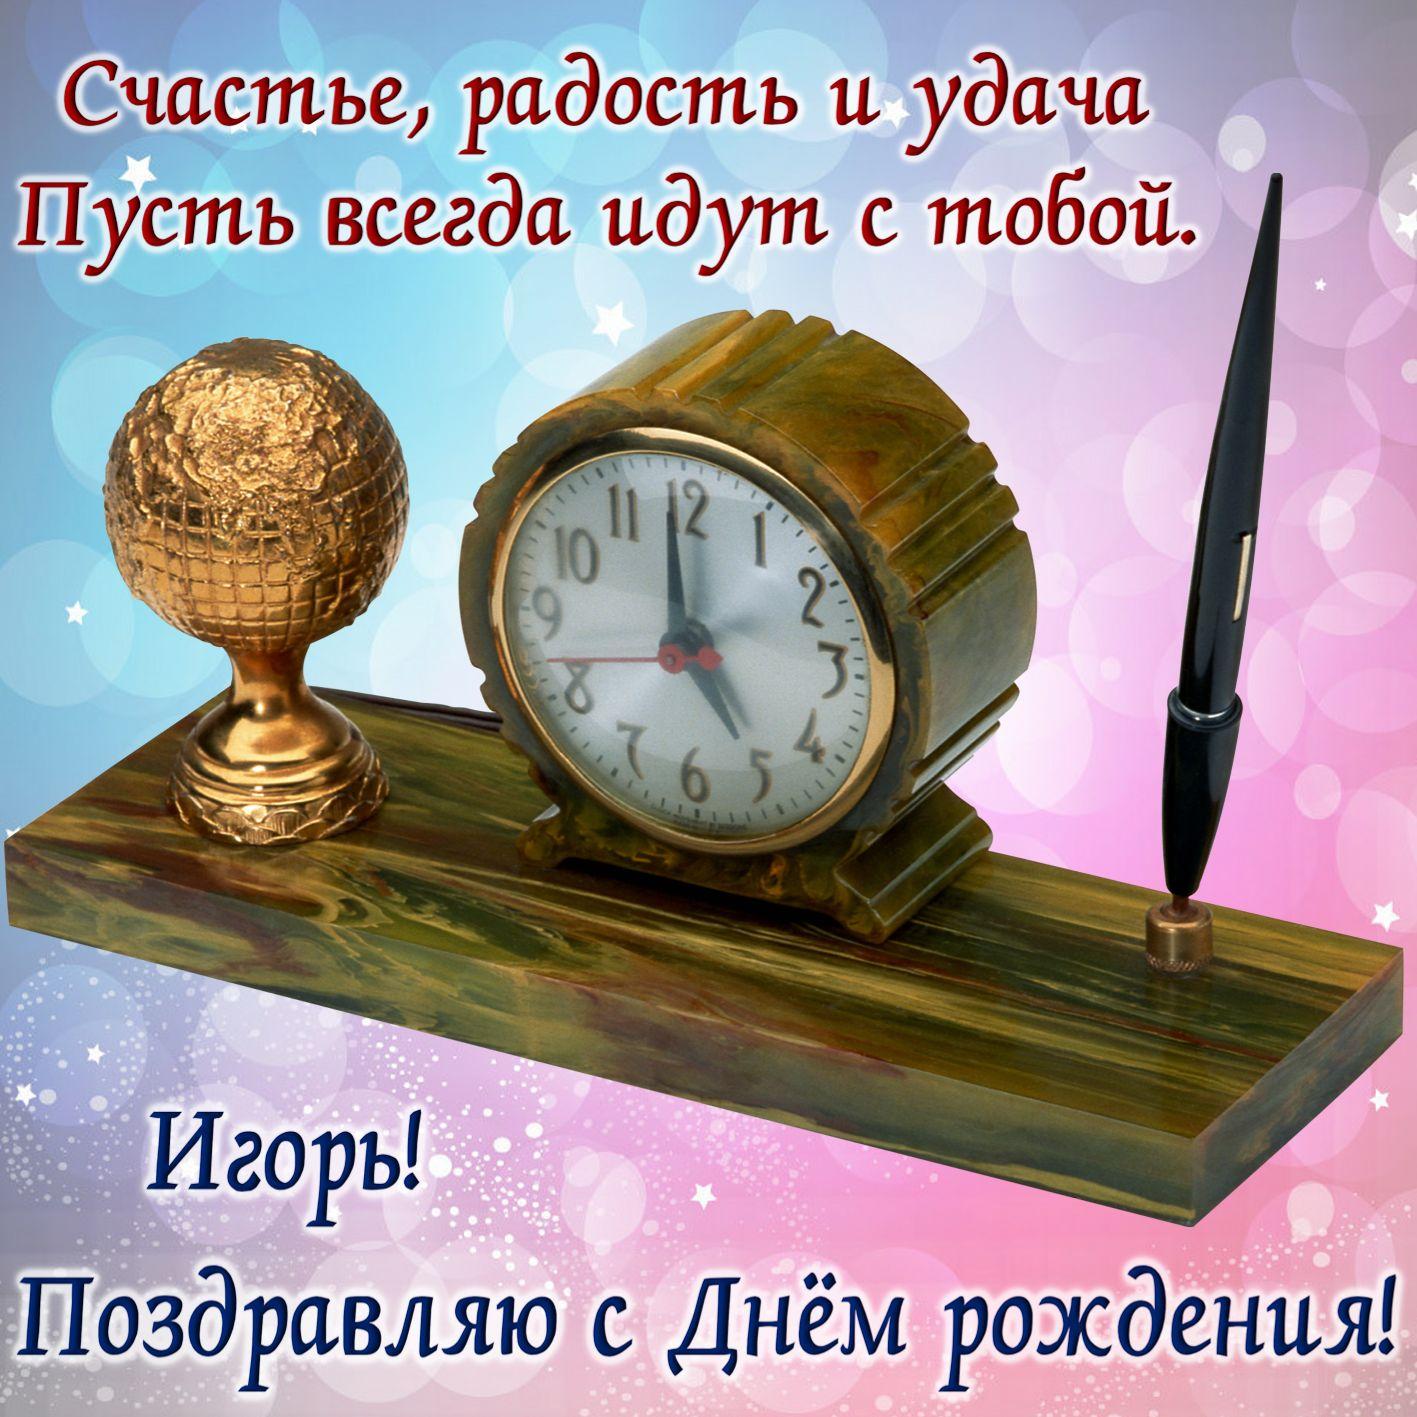 Открытка на День рождения Игорю - пожелание счастья, радости и удачи